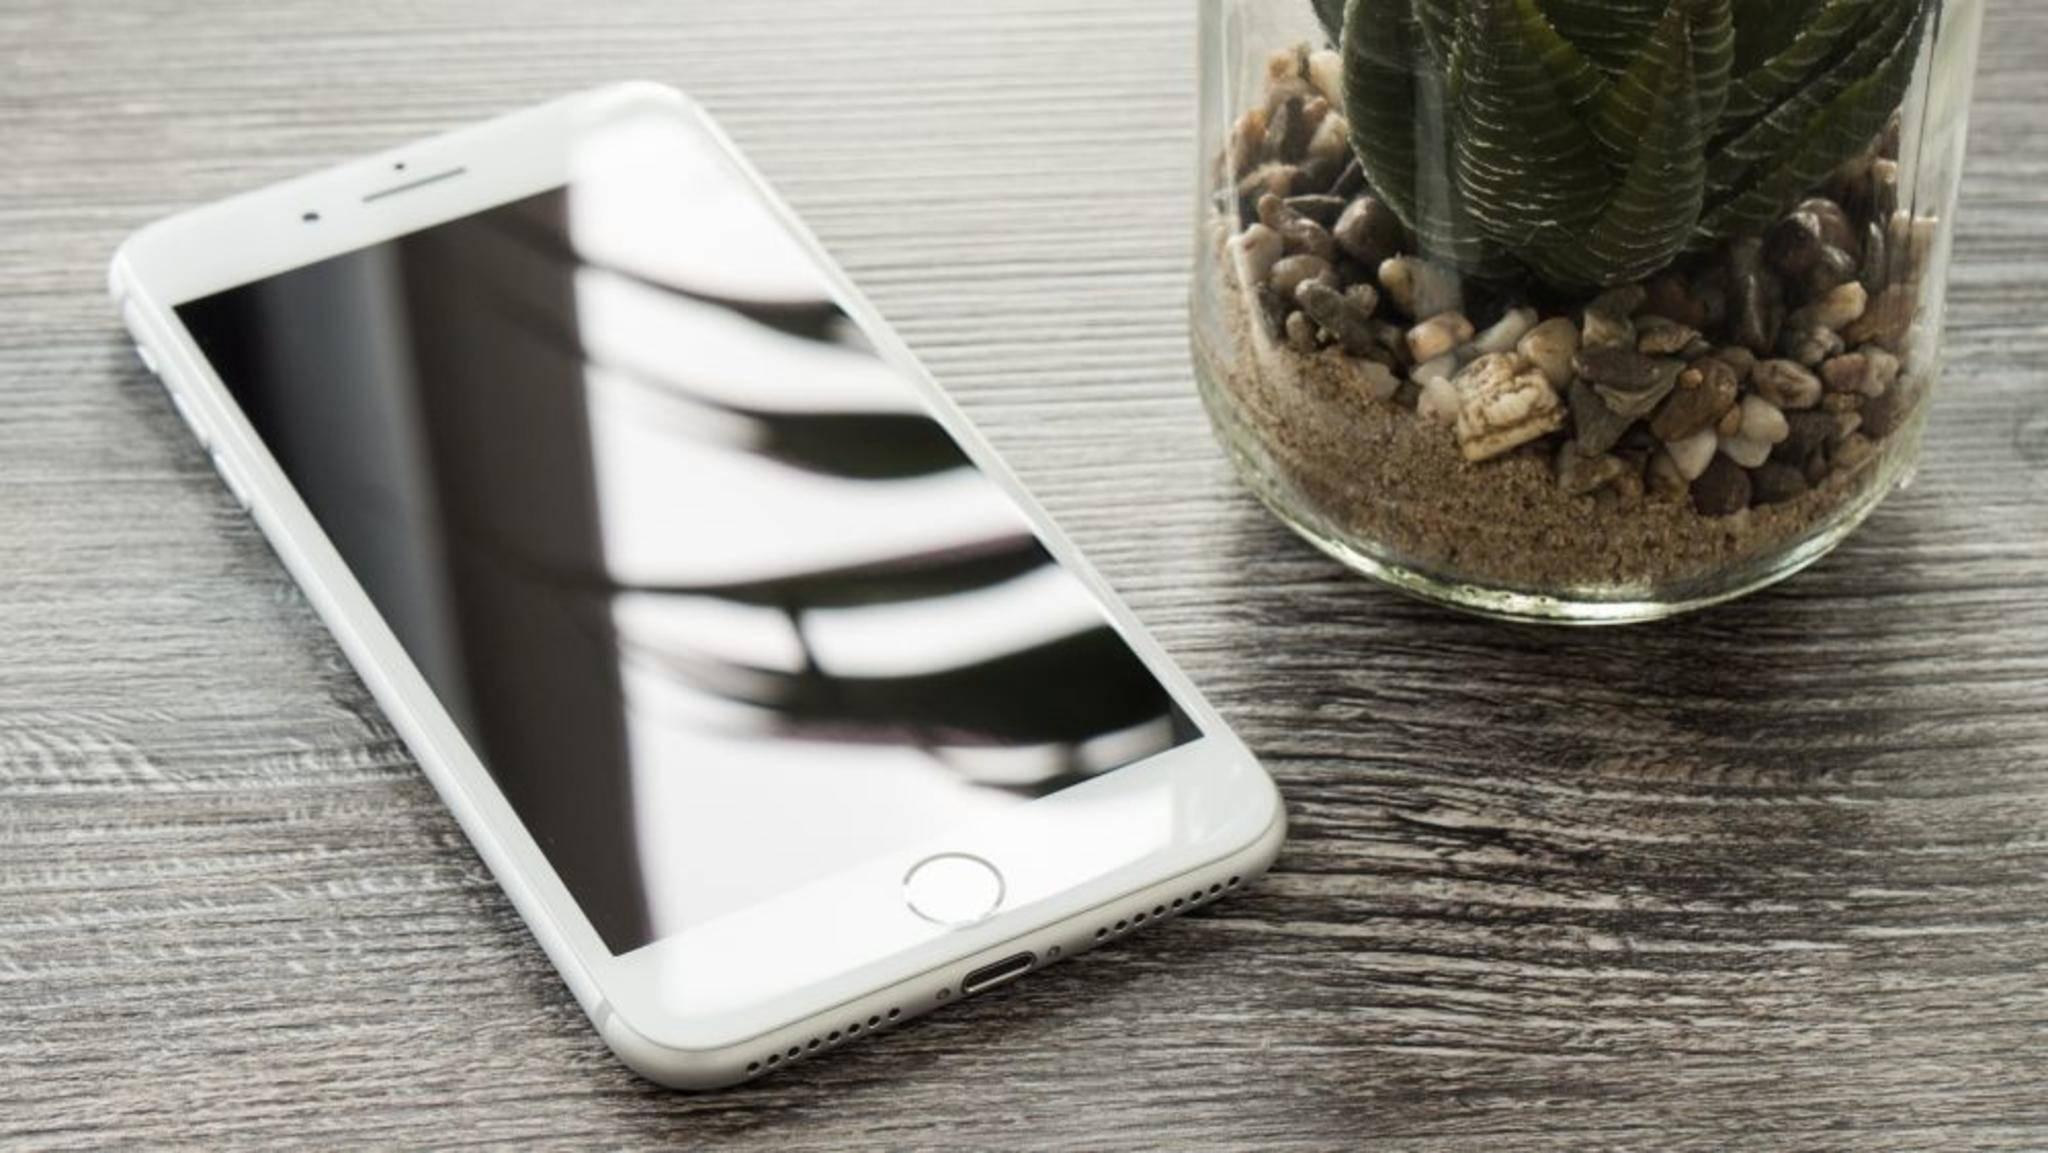 Hat das iPhone 7 etwa ähnliche Probleme wie das Galaxy Note 7?